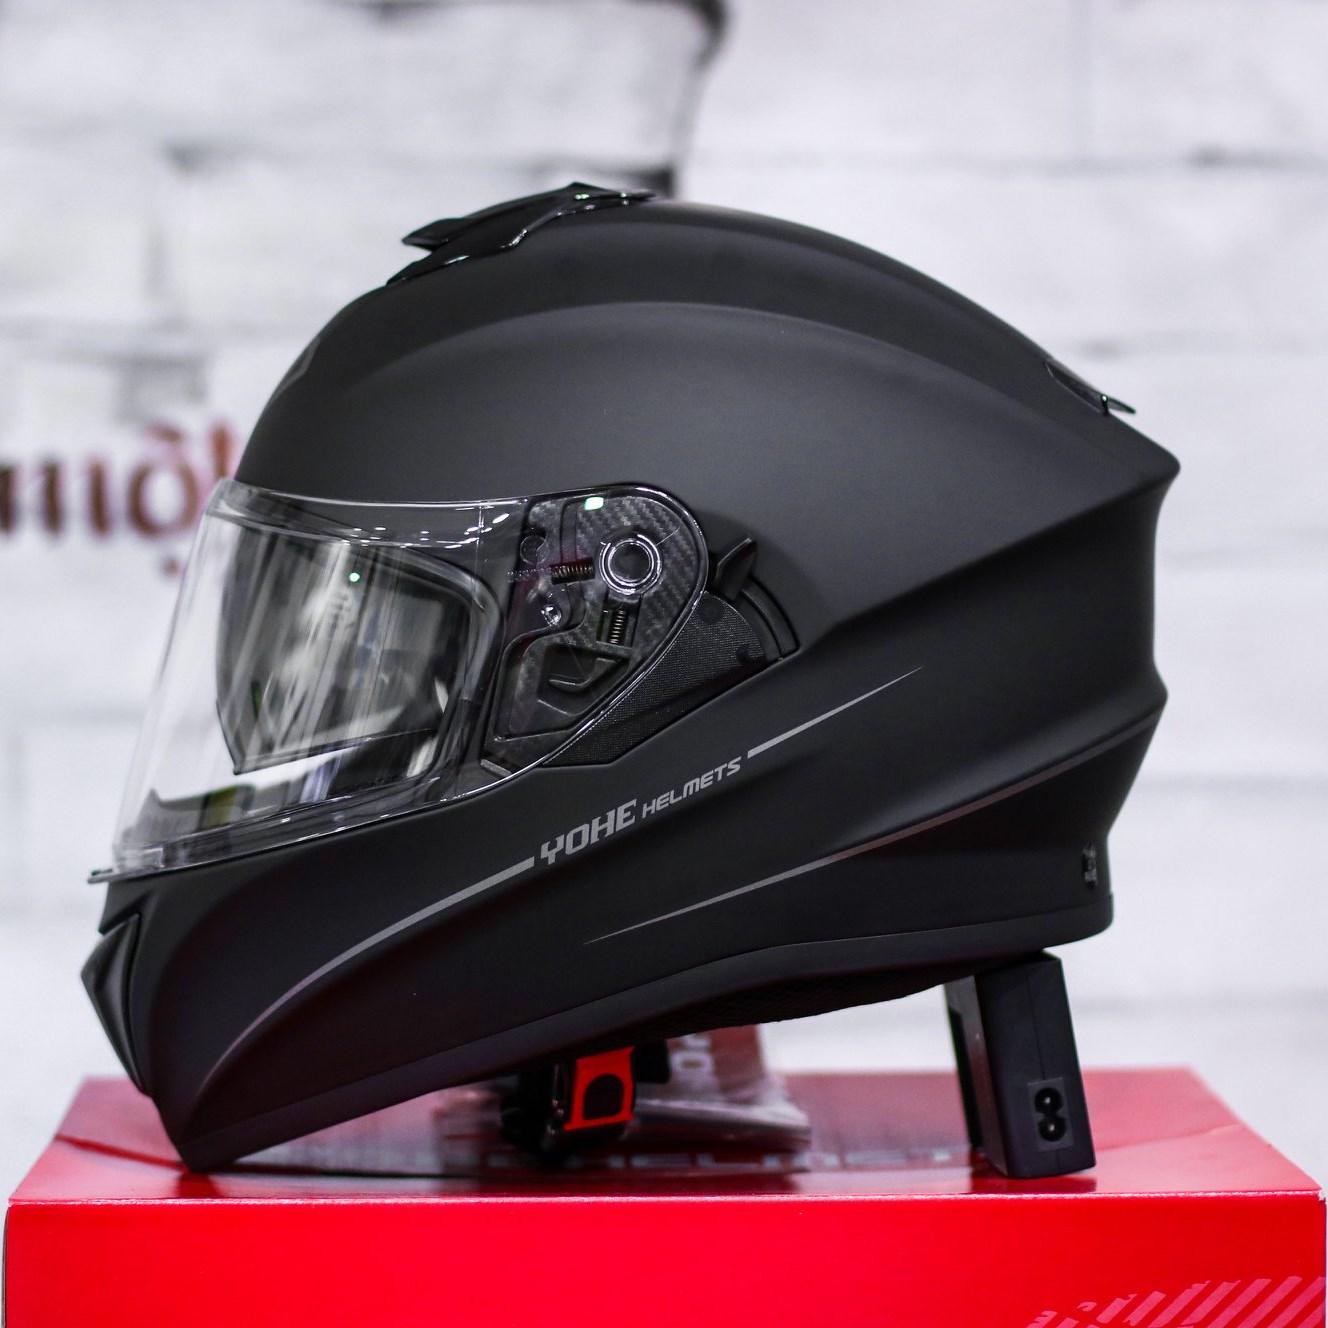 Mũ bảo hiểm Yohe 981 đen nhám 2 kính